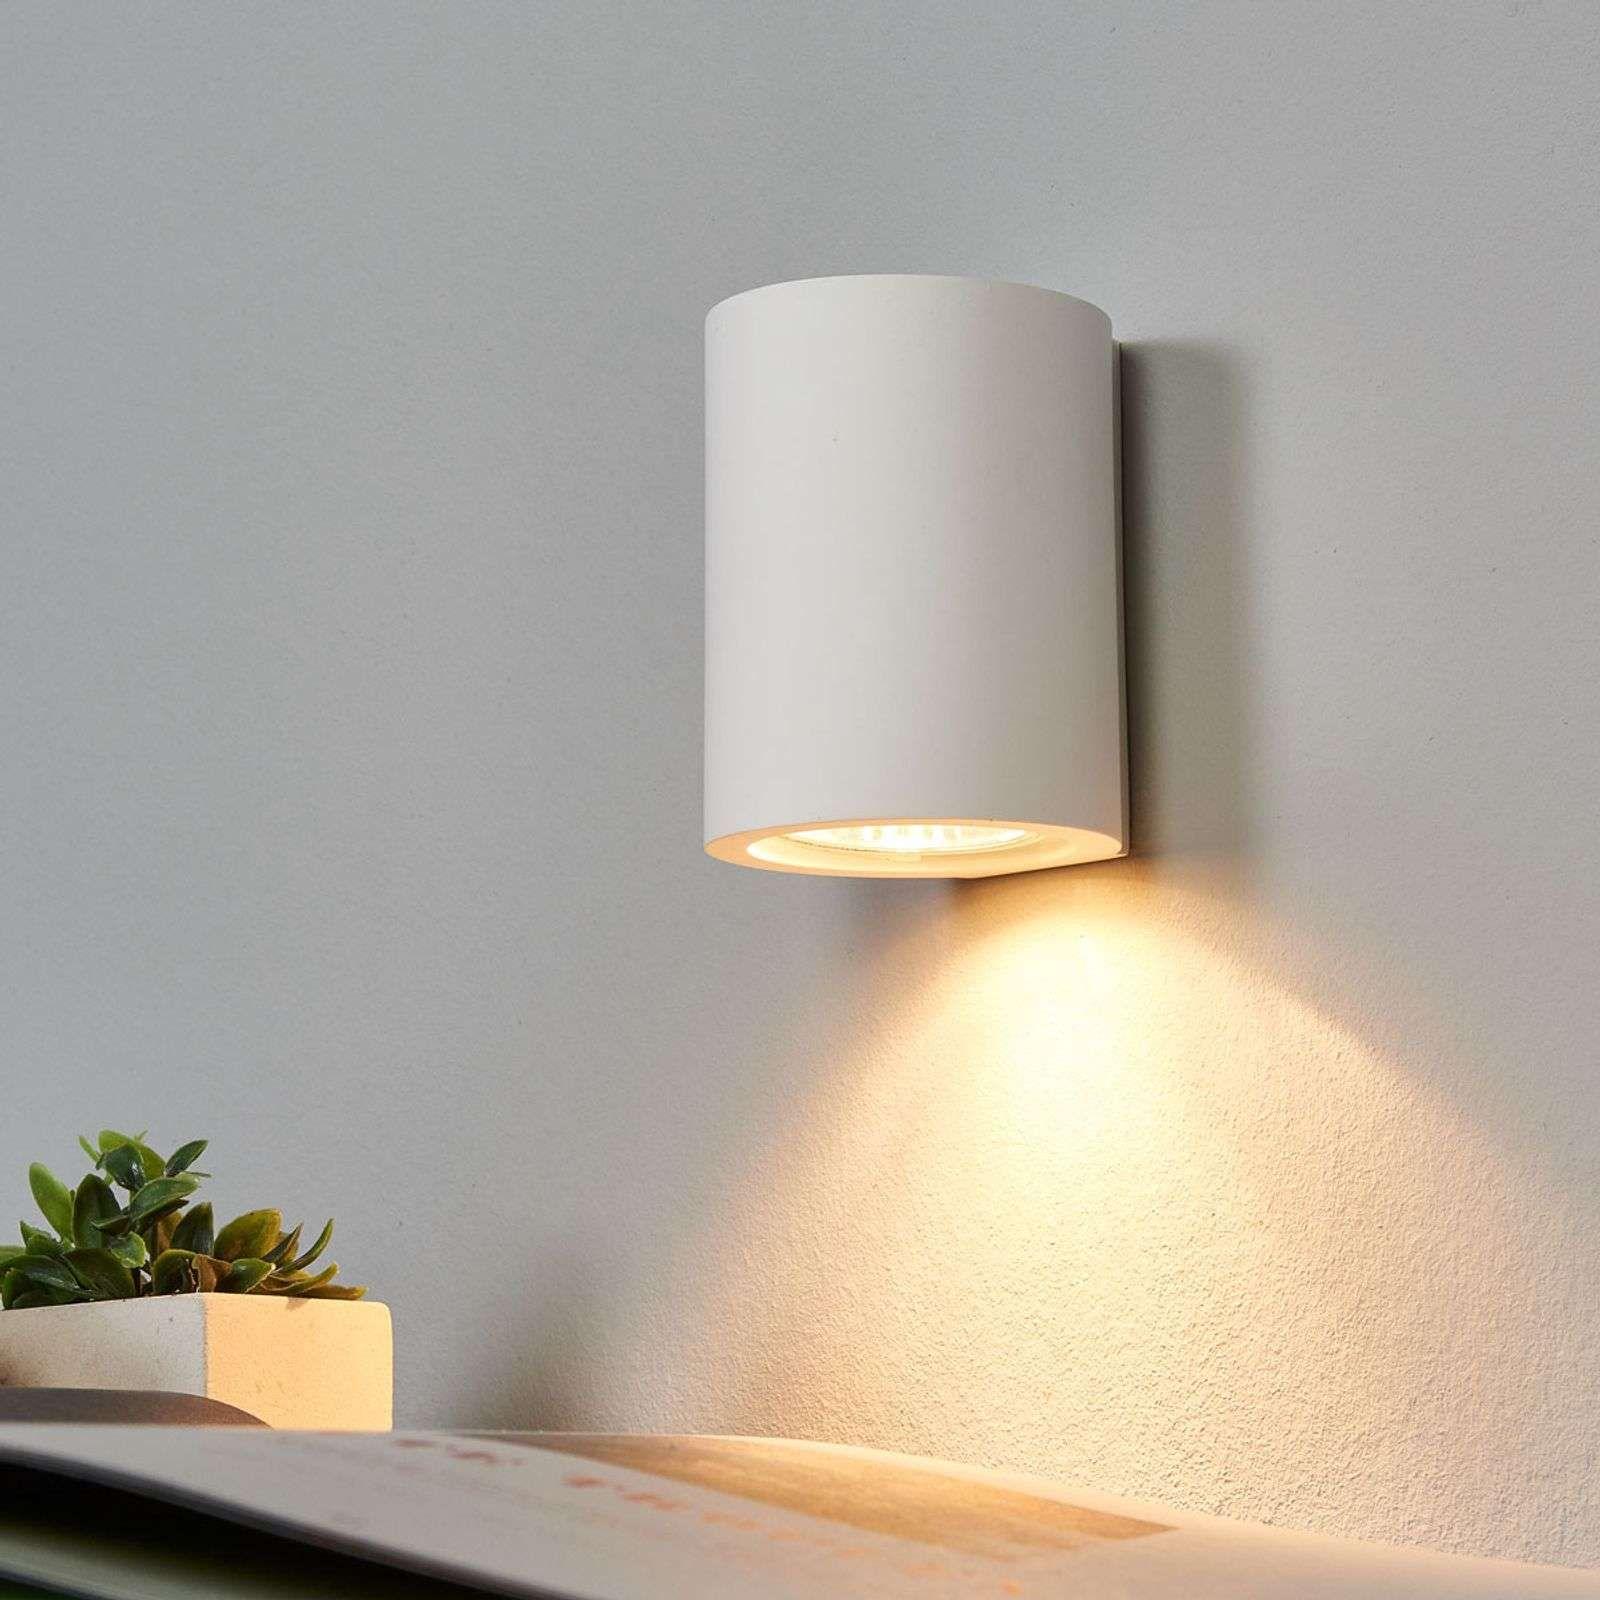 Applique blanche GU10 Miroslaw en plâtre de Lampenwelt.com #gesso